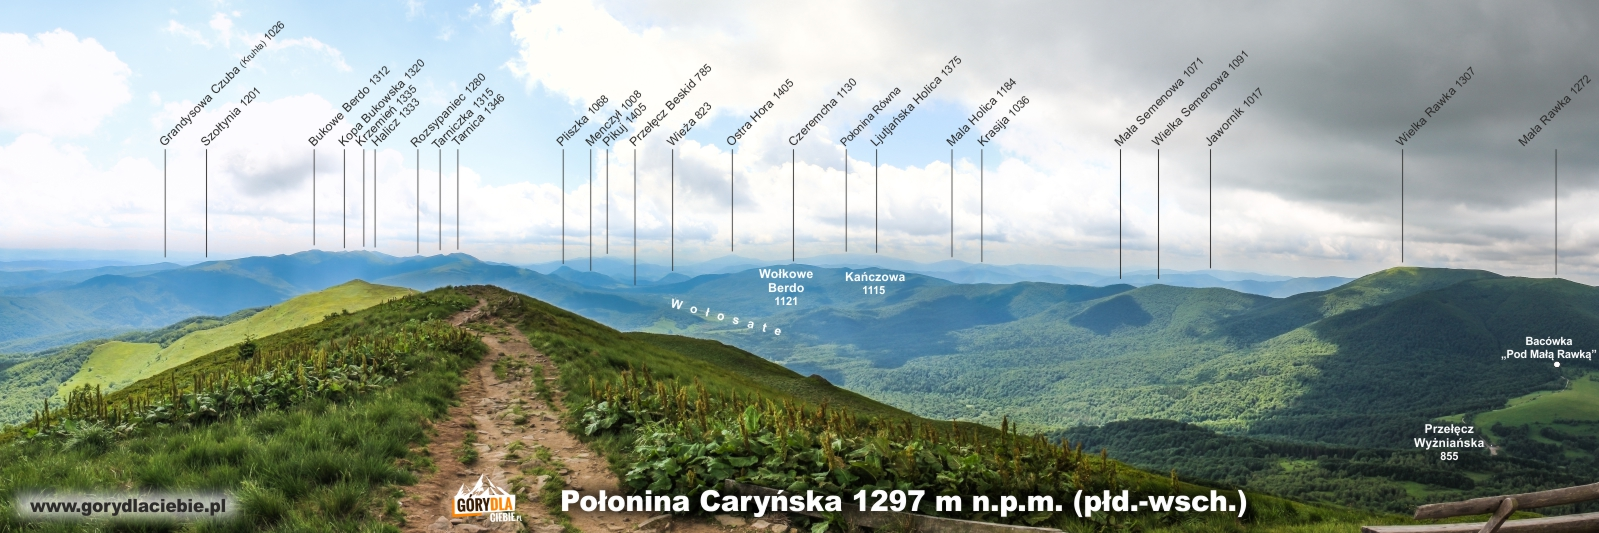 Połonina Caryńska - panorama w kierunku płd.-wsch. z opisem szczytów i miejscowości